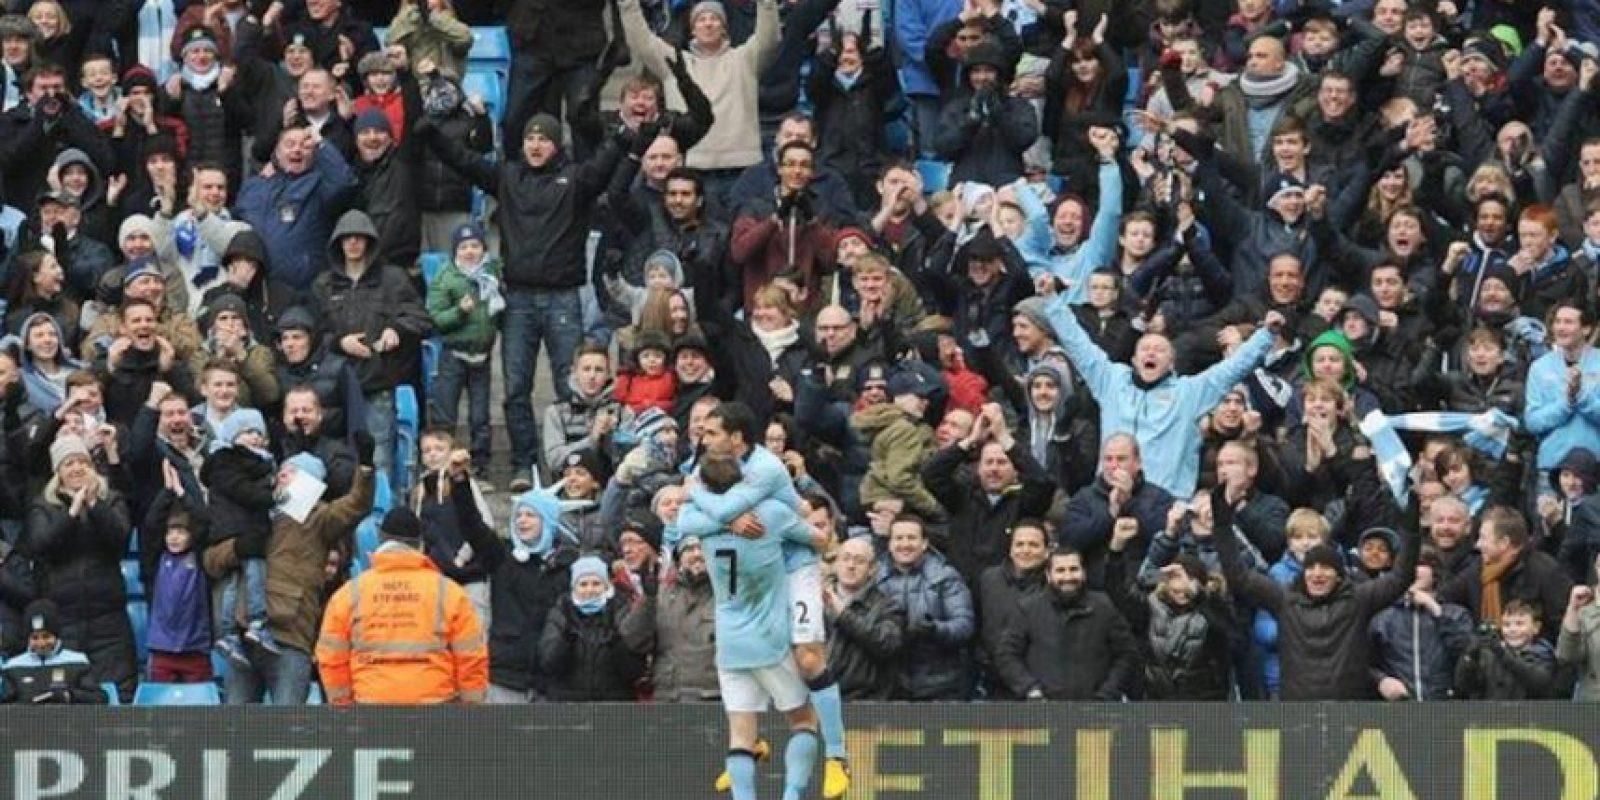 El delantero del Manchester City Carlos Tevez (c) es felicitado por sus compañeros tras marcar el 2-0 al chelsea en la recta final del partido de la Premier jugado en el Etihad Stadium, Manchester, Reino Unido. EFE